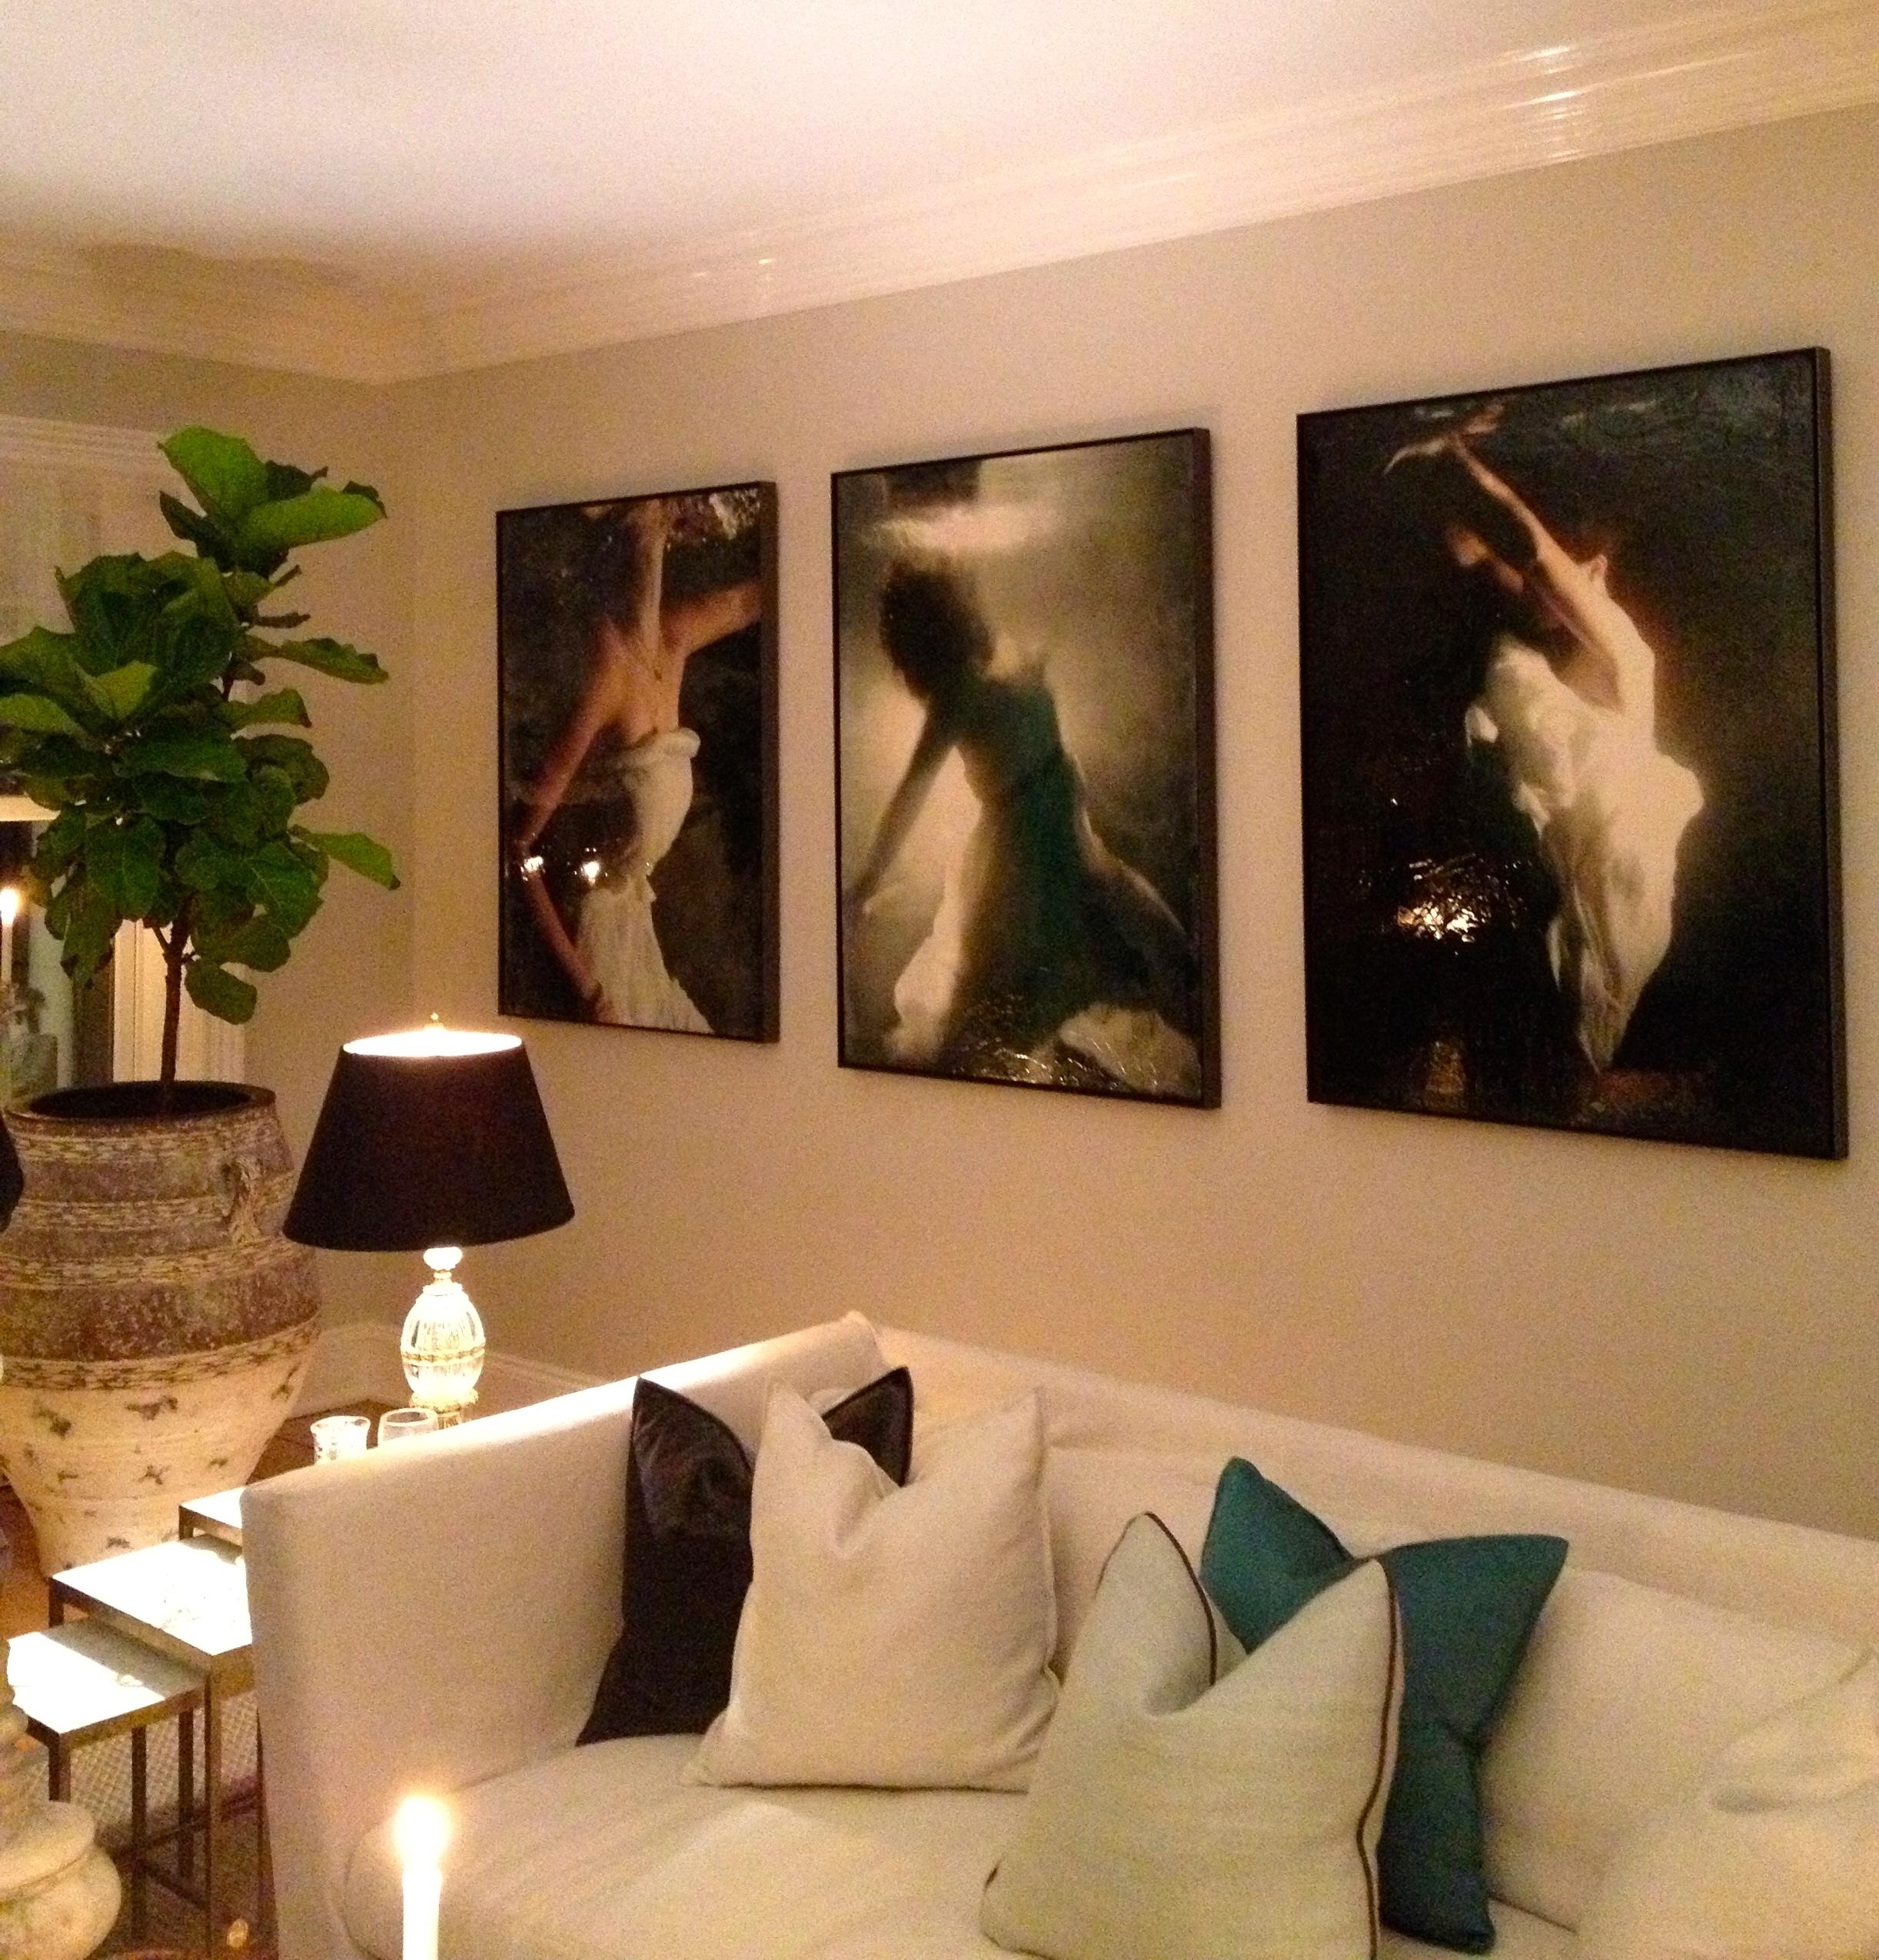 Rye, NY, Heiburg Cummings Interiors - Artworks by Andrea Bonfils